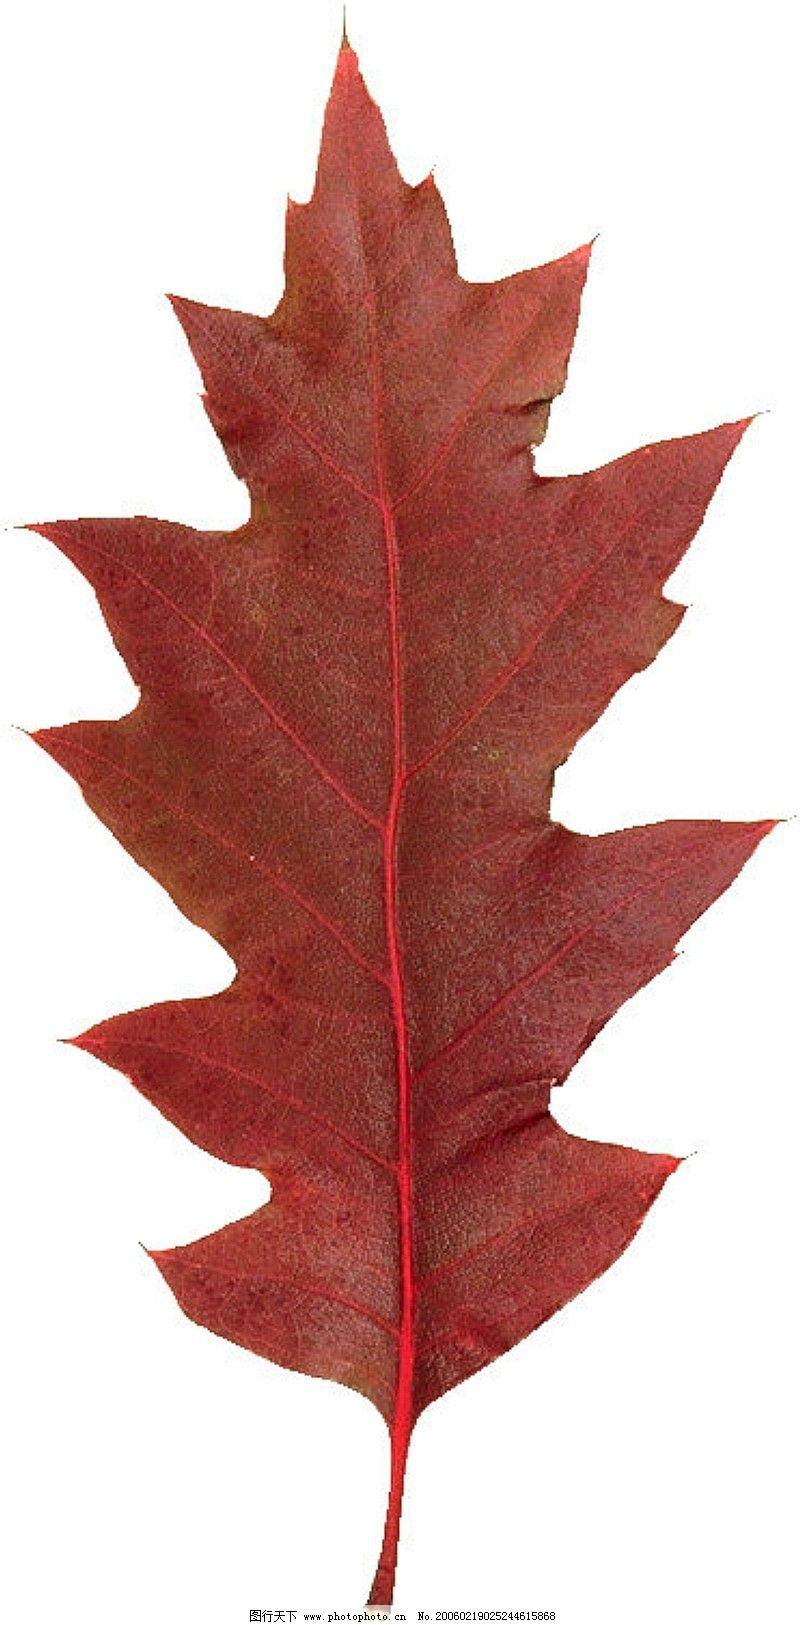 叶子细长的风景树图片